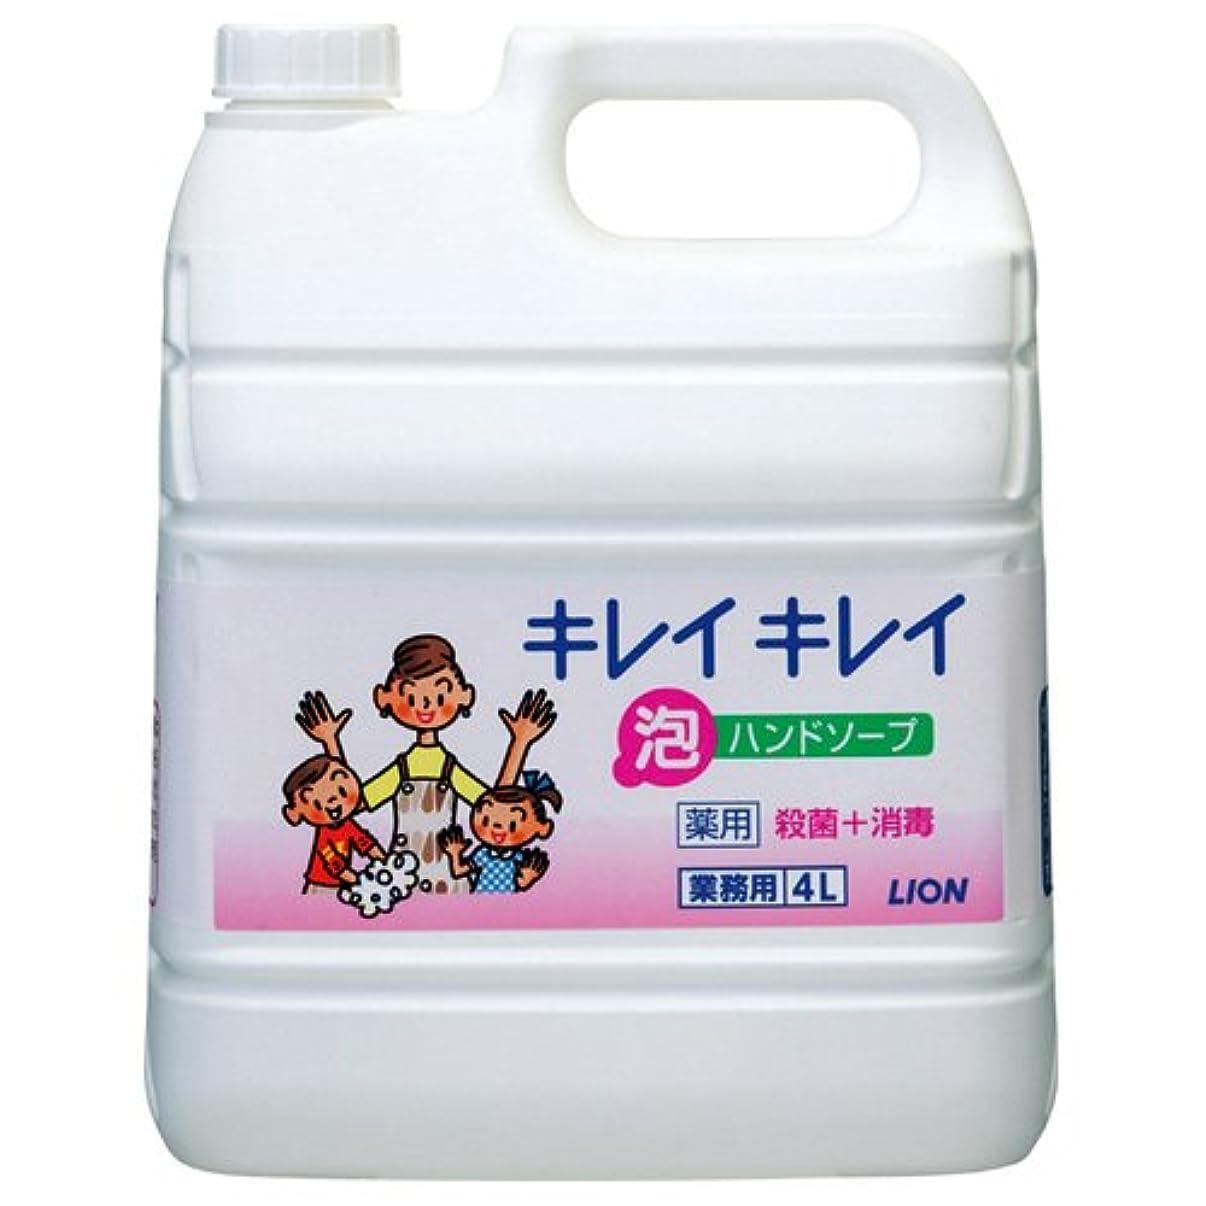 [ライオン 1675096] キレイキレイ 薬用泡ハンドソープ 業務用 4L